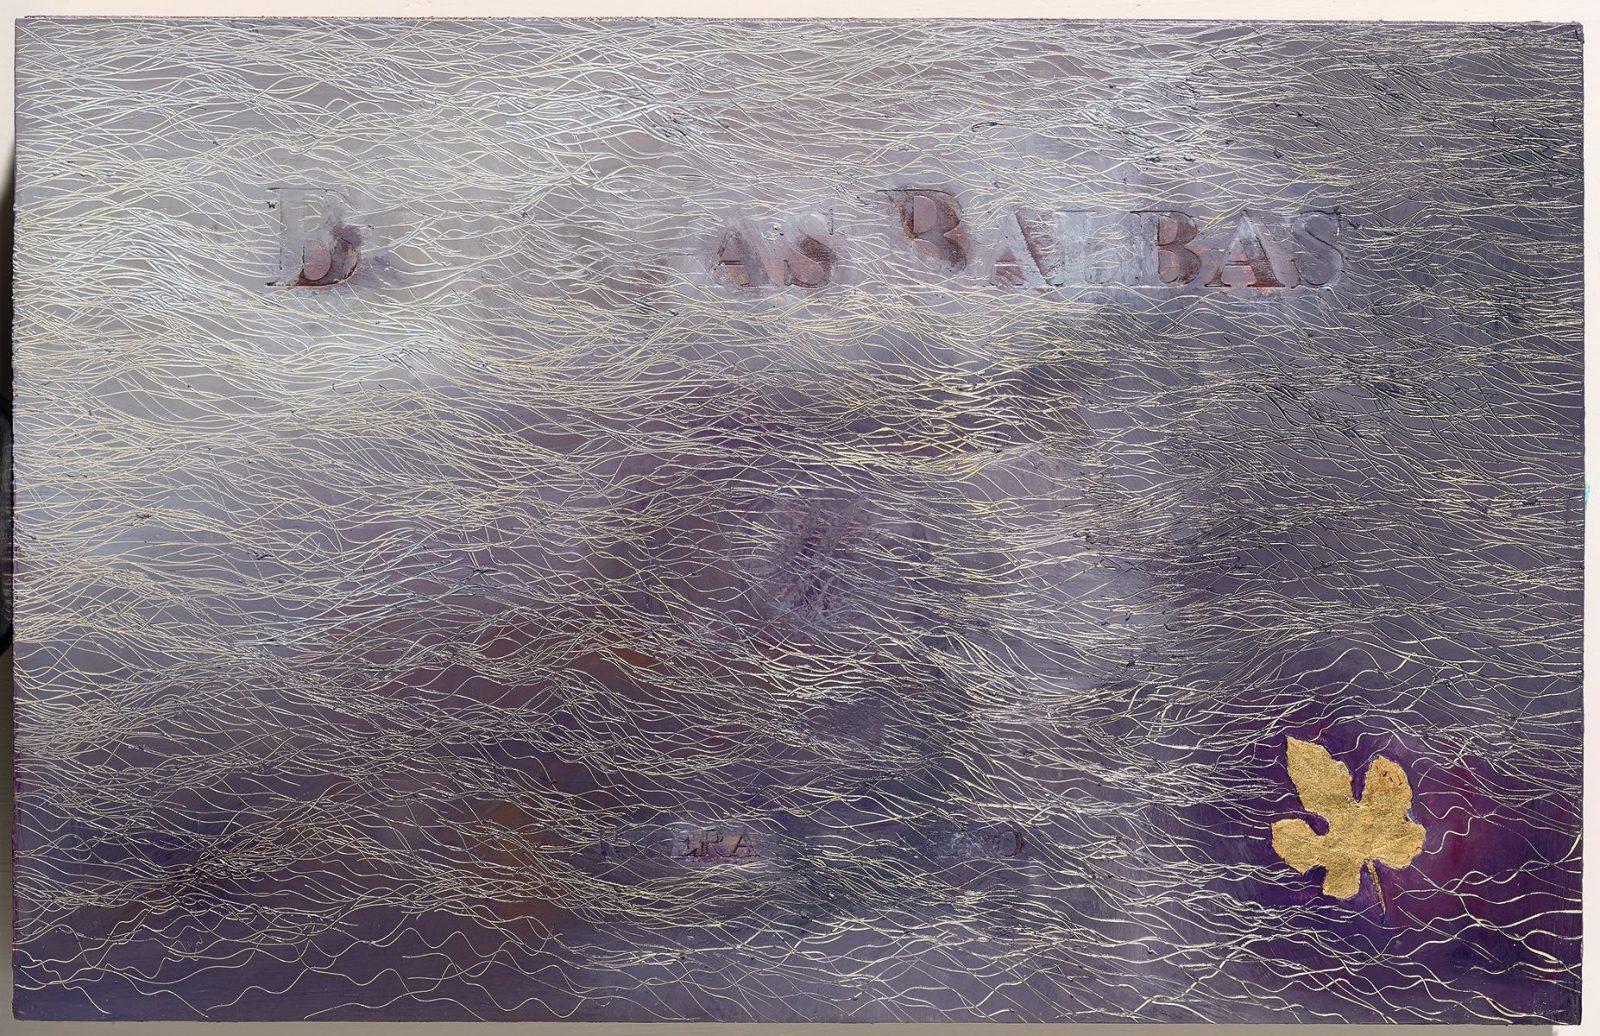 引徑-7, Side Track-7, 32.5 x 50.6 cm, mixed media, 2015